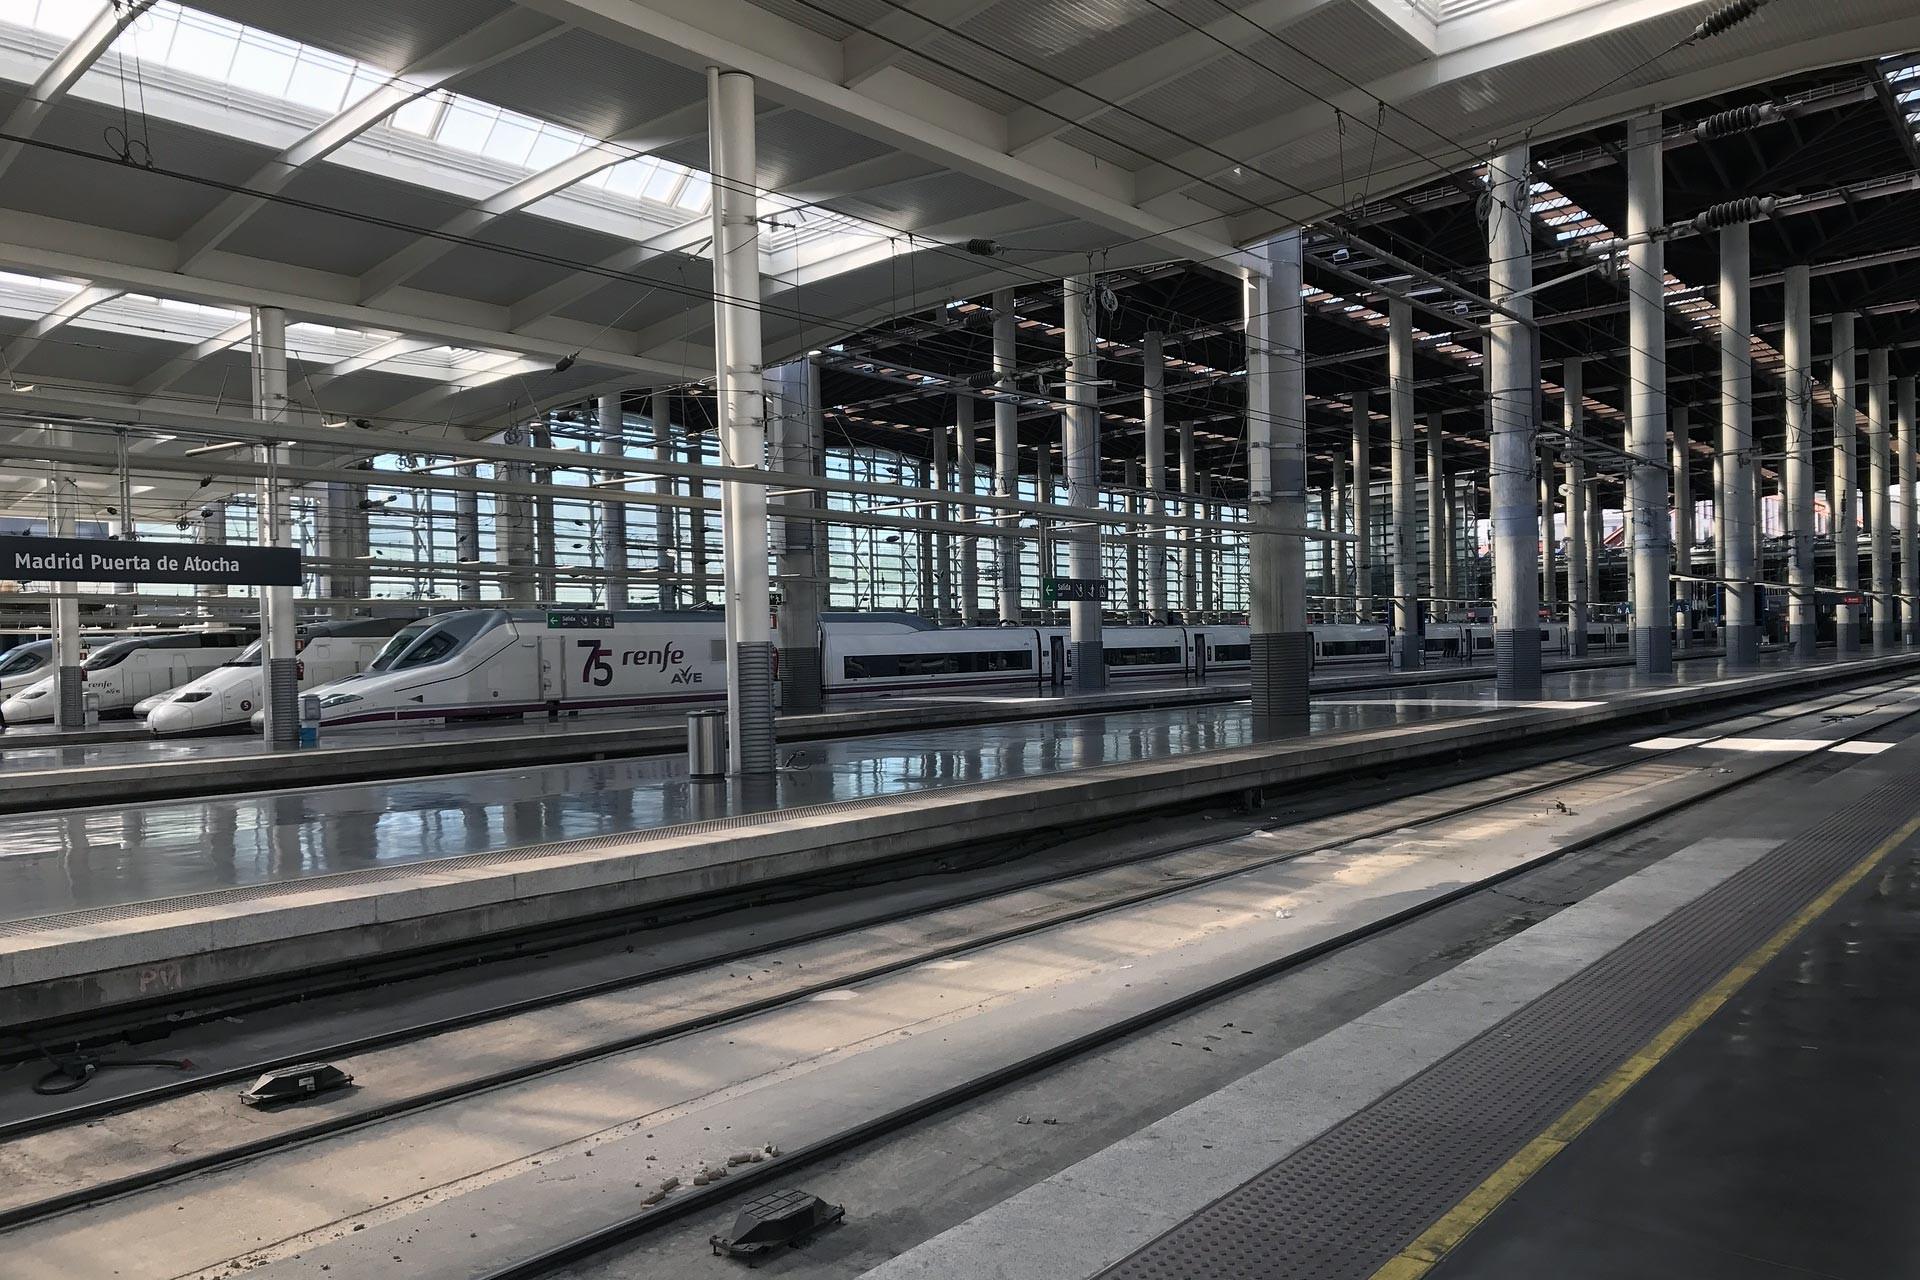 İspanya'da tren ve hava ulaşımında çalışan işçiler grevde